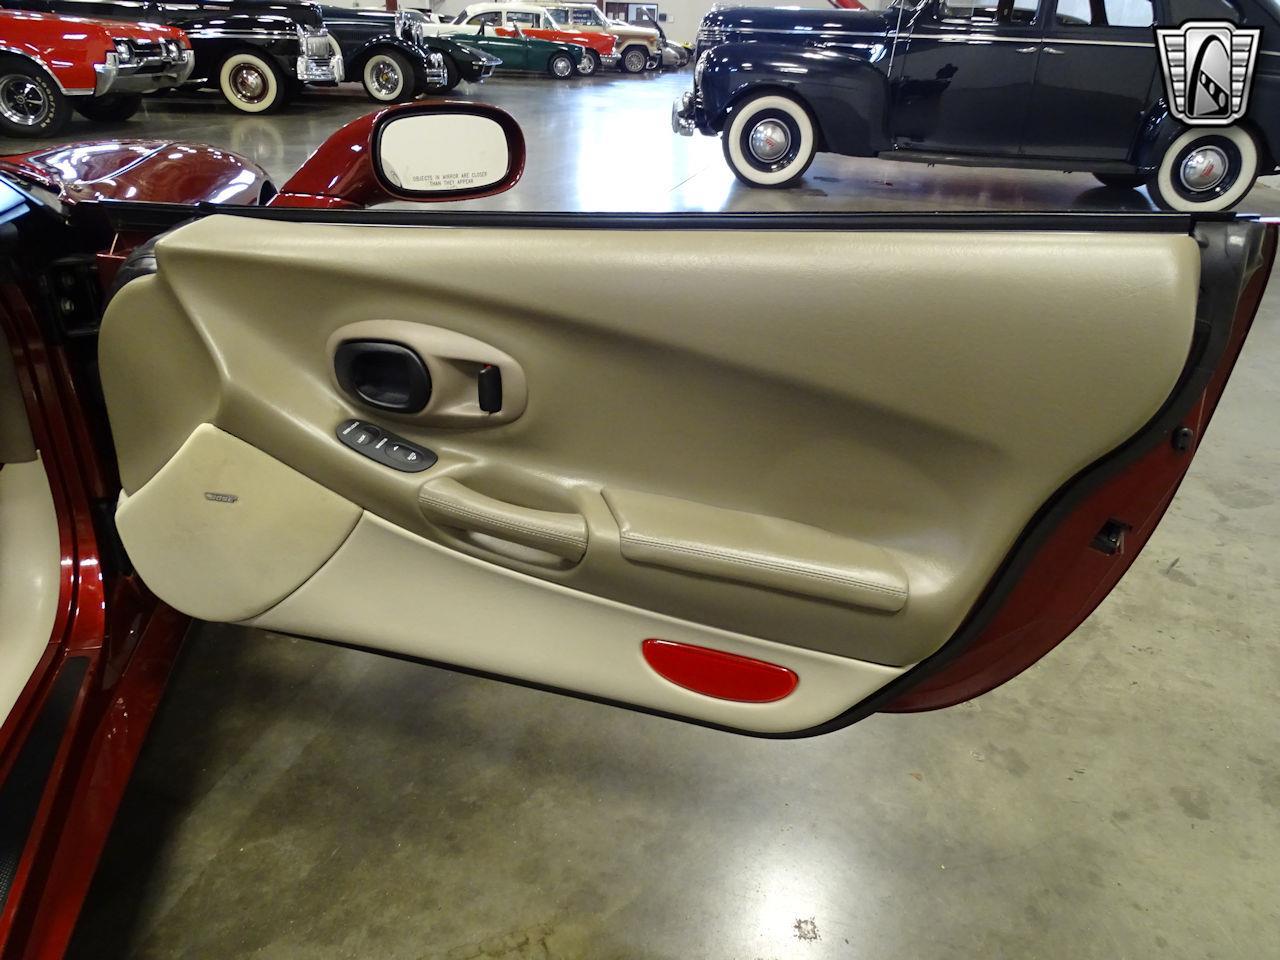 2003 Chevrolet Corvette (CC-1354849) for sale in O'Fallon, Illinois